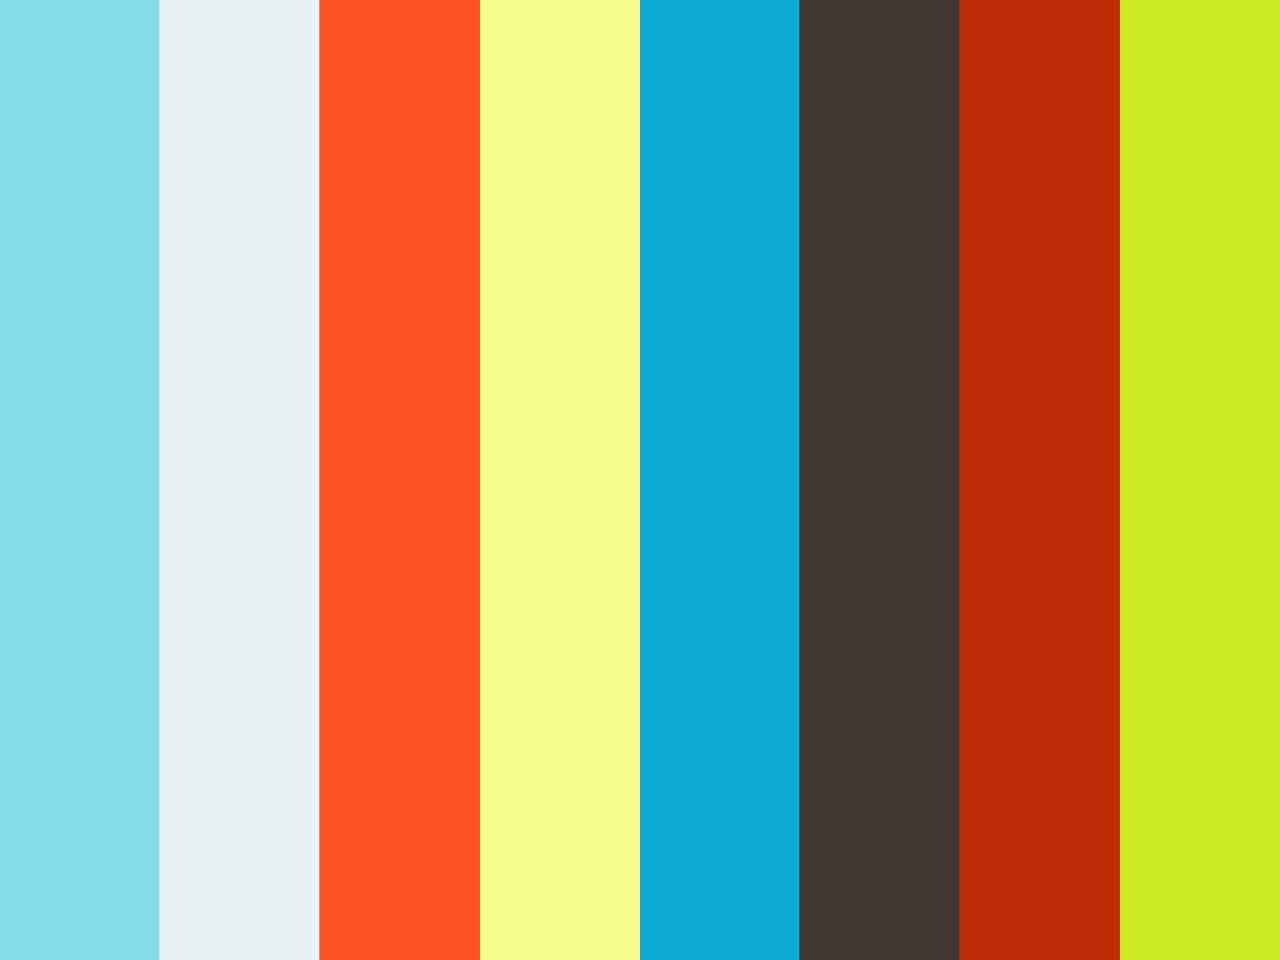 Canyoning - Brickbox - Ötscher 720 HD